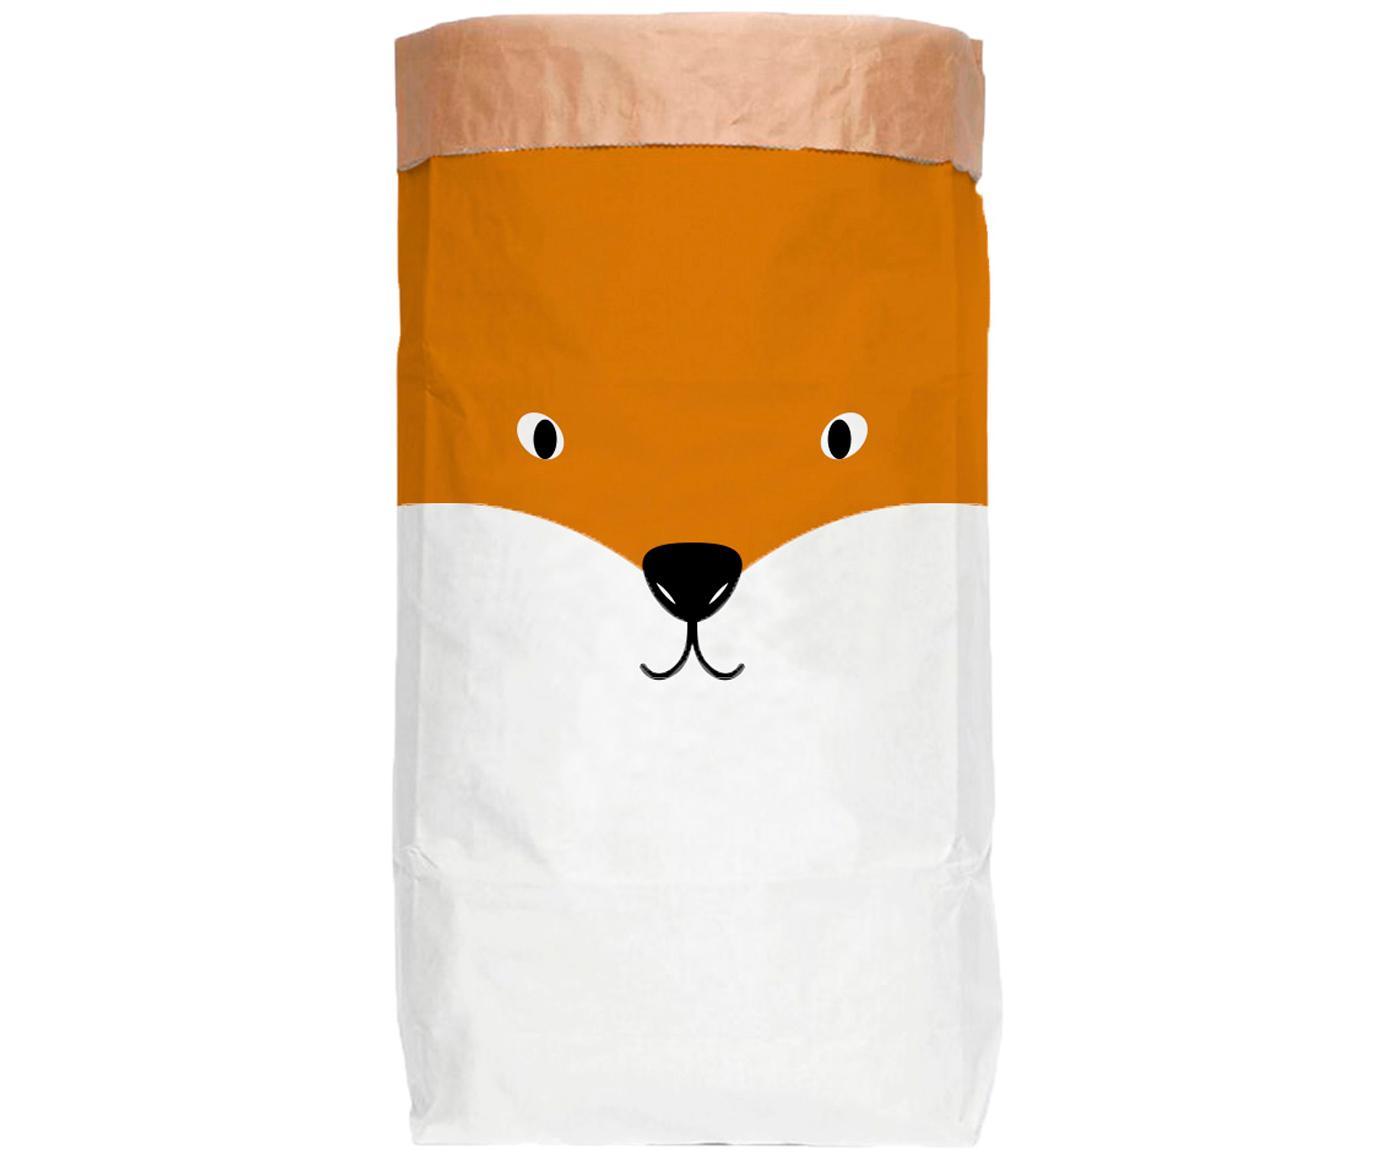 Opbergzak Fox, Gerecycled papier, Wit, oranje, zwart, 60 x 90 cm